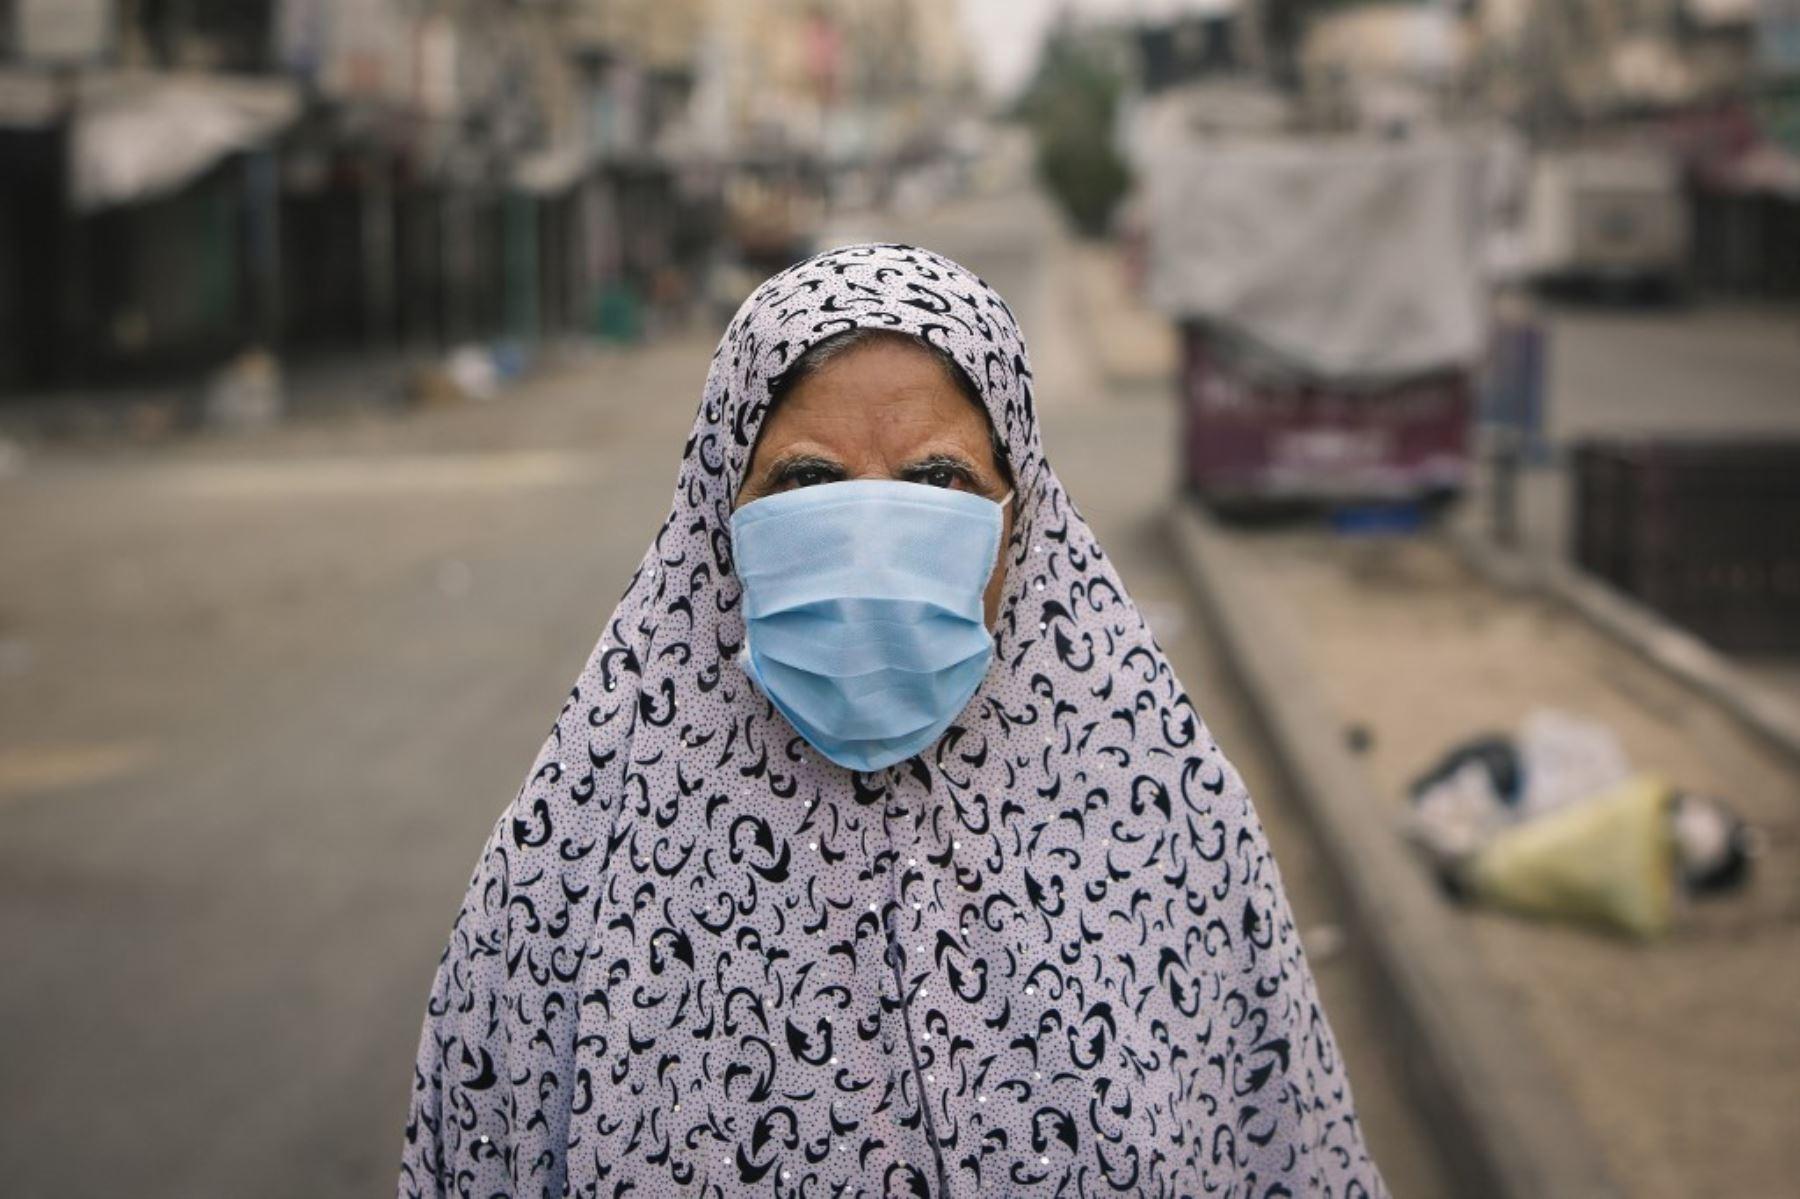 Una mujer palestina vestida con una máscara debido a la pandemia del coronavirus camina por una calle en la ciudad de Gaza. Foto: AFP